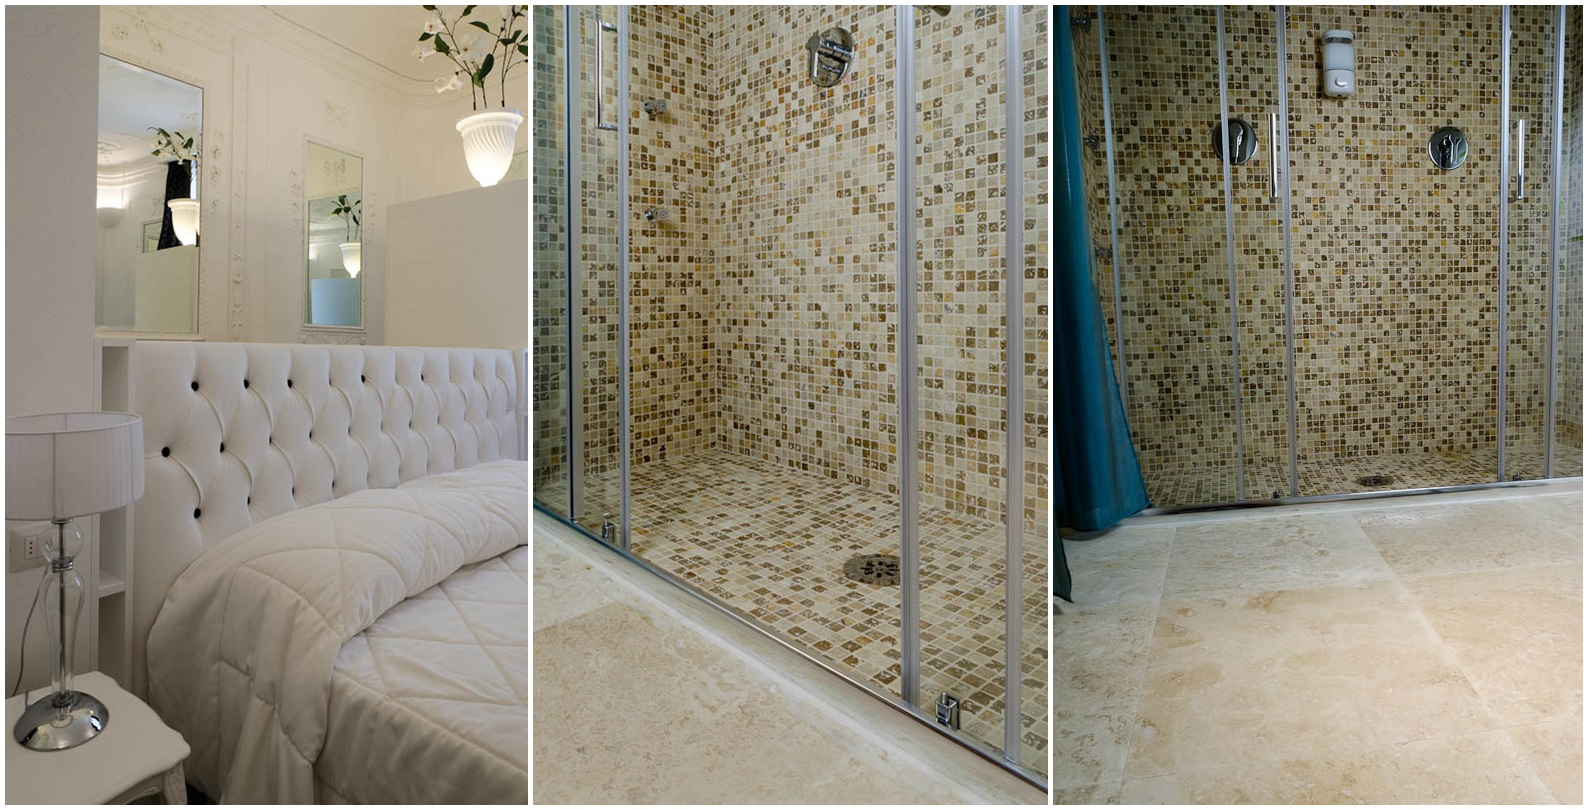 Bagno In Pietra Ricostruita : Hotel la residenza dellorafo: tutti i bagni in pietra di rapolano